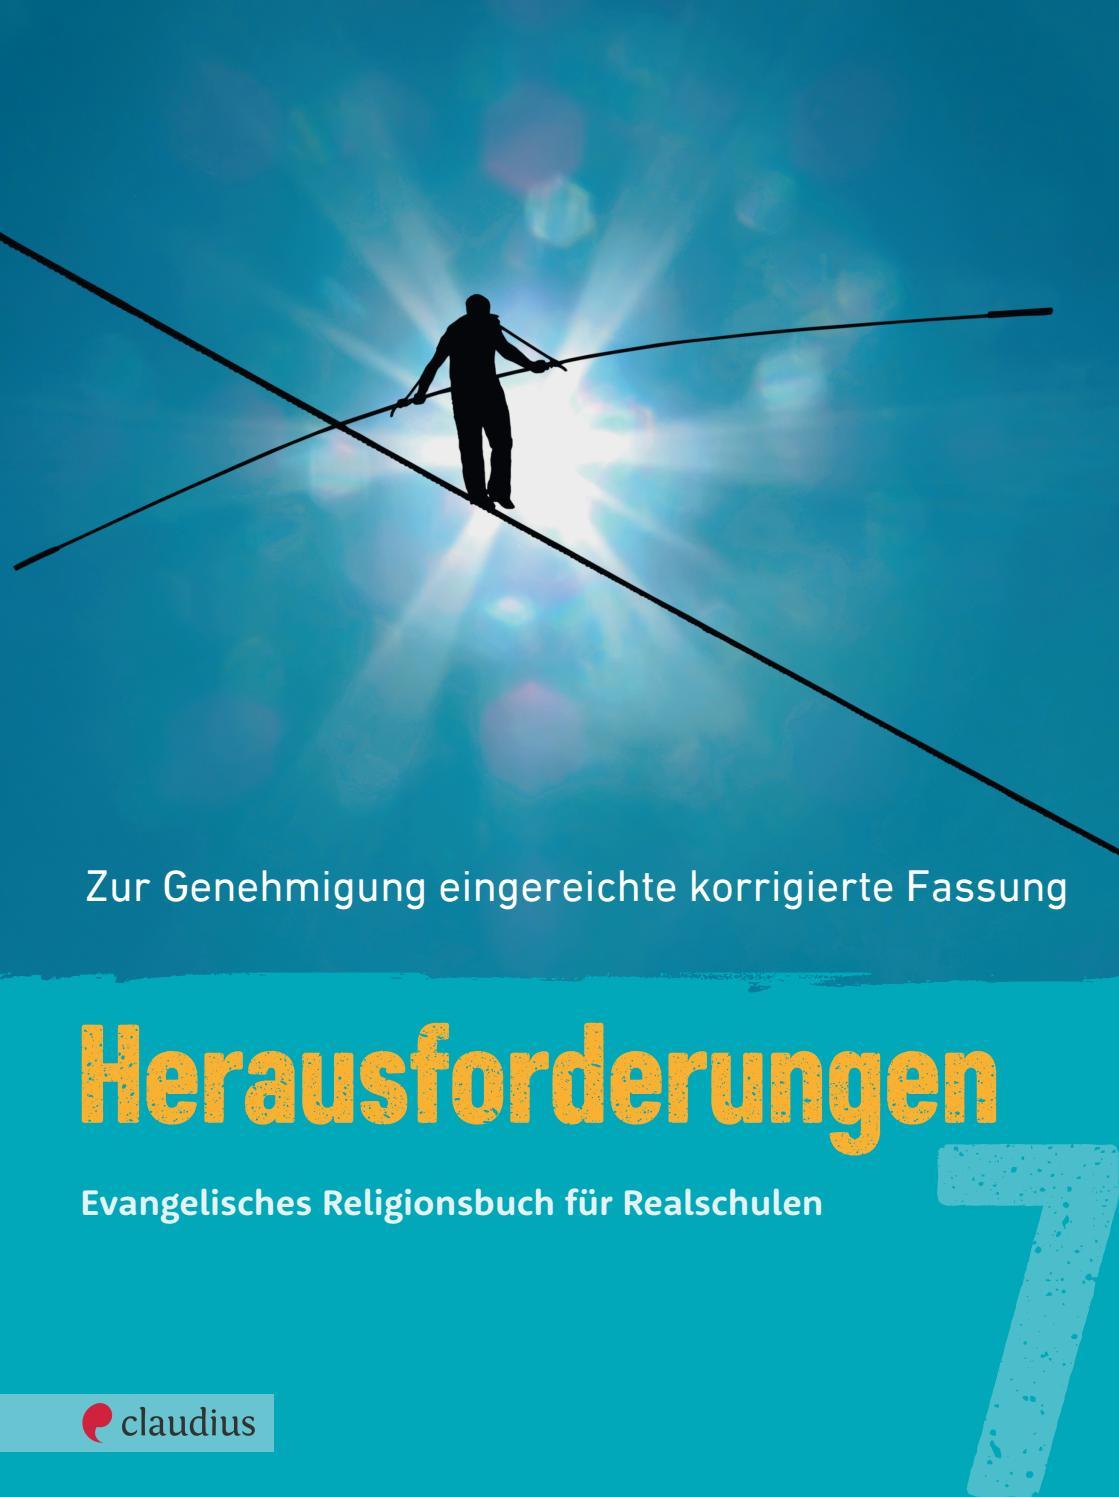 Riskante Kontakte: Geschichten aus Gegenwart und Zukunft (German Edition)